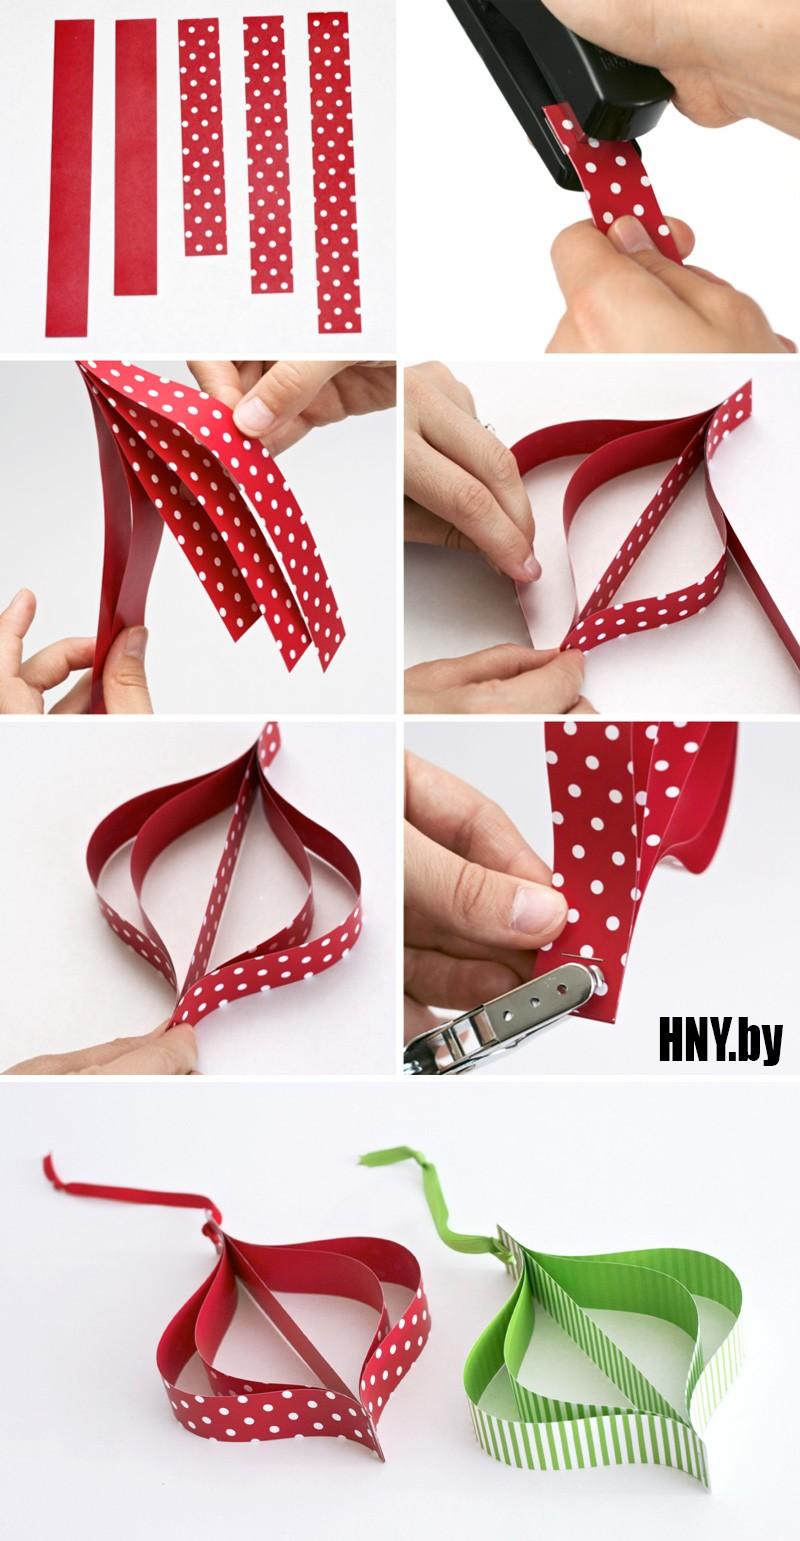 Продолжаем украшать новогоднюю елку: делаем поделки из бумаги на Новый год своими руками